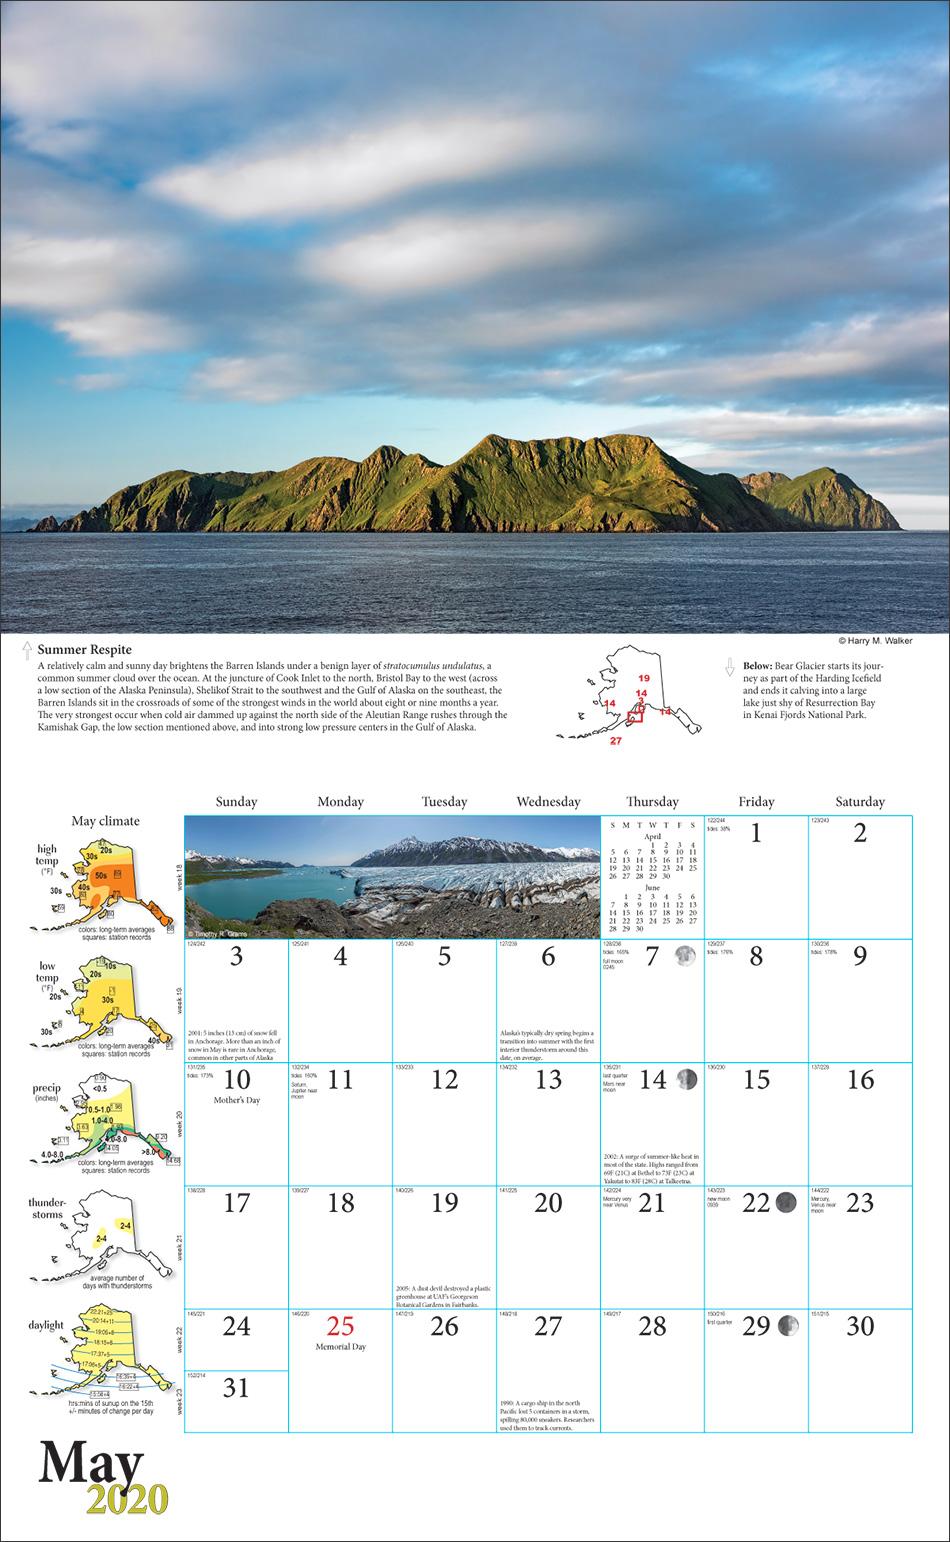 2020 Alaska Weather Calendar inside view